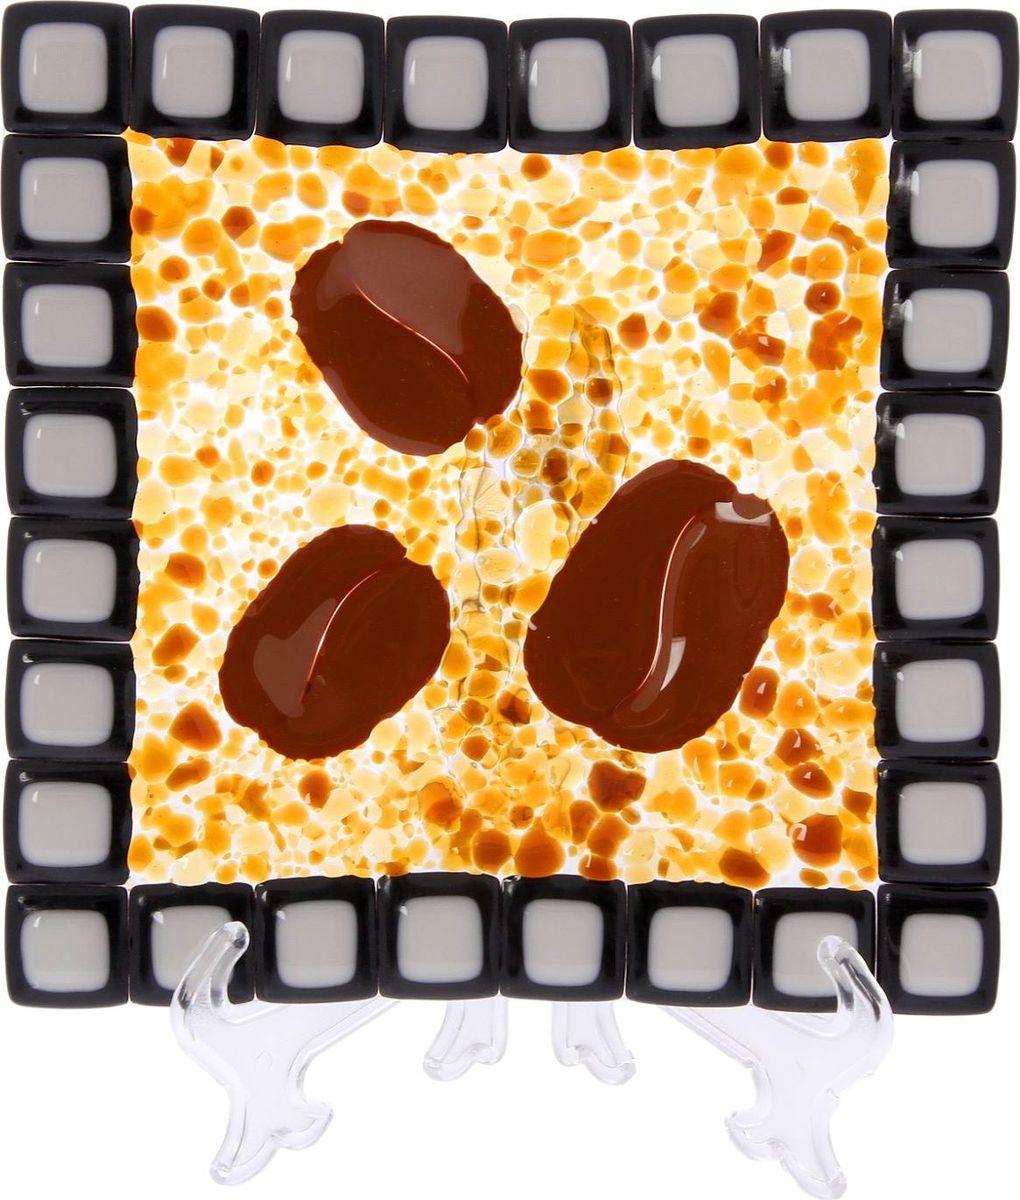 Тарелка Декостек Кофе, 21 см. 22617592261759Оригинальная посуда — свидетельство особого отношения хозяев дома к гостям. Изделия изготовлены необычным образом: несколько видов стекла спекаются в печи при температуре около 800 градусов. В результате этого получается уникальный продукт, по внешнему виду сходный с витражом. Стекло, полученное с помощью фьюзинга, отличают особенная прозрачность и глубина цвета, оно сохраняет оттенок и не подвержено старению.Особенности предмета:тщательная обработка рельефа поверхности;высококачественный узор;высокая прочность – изделия можно мыть в посудомоечной машине.Такой предмет станет прекрасным подарком по любому случаю. В комплект входит подставка и декоративная коробка.